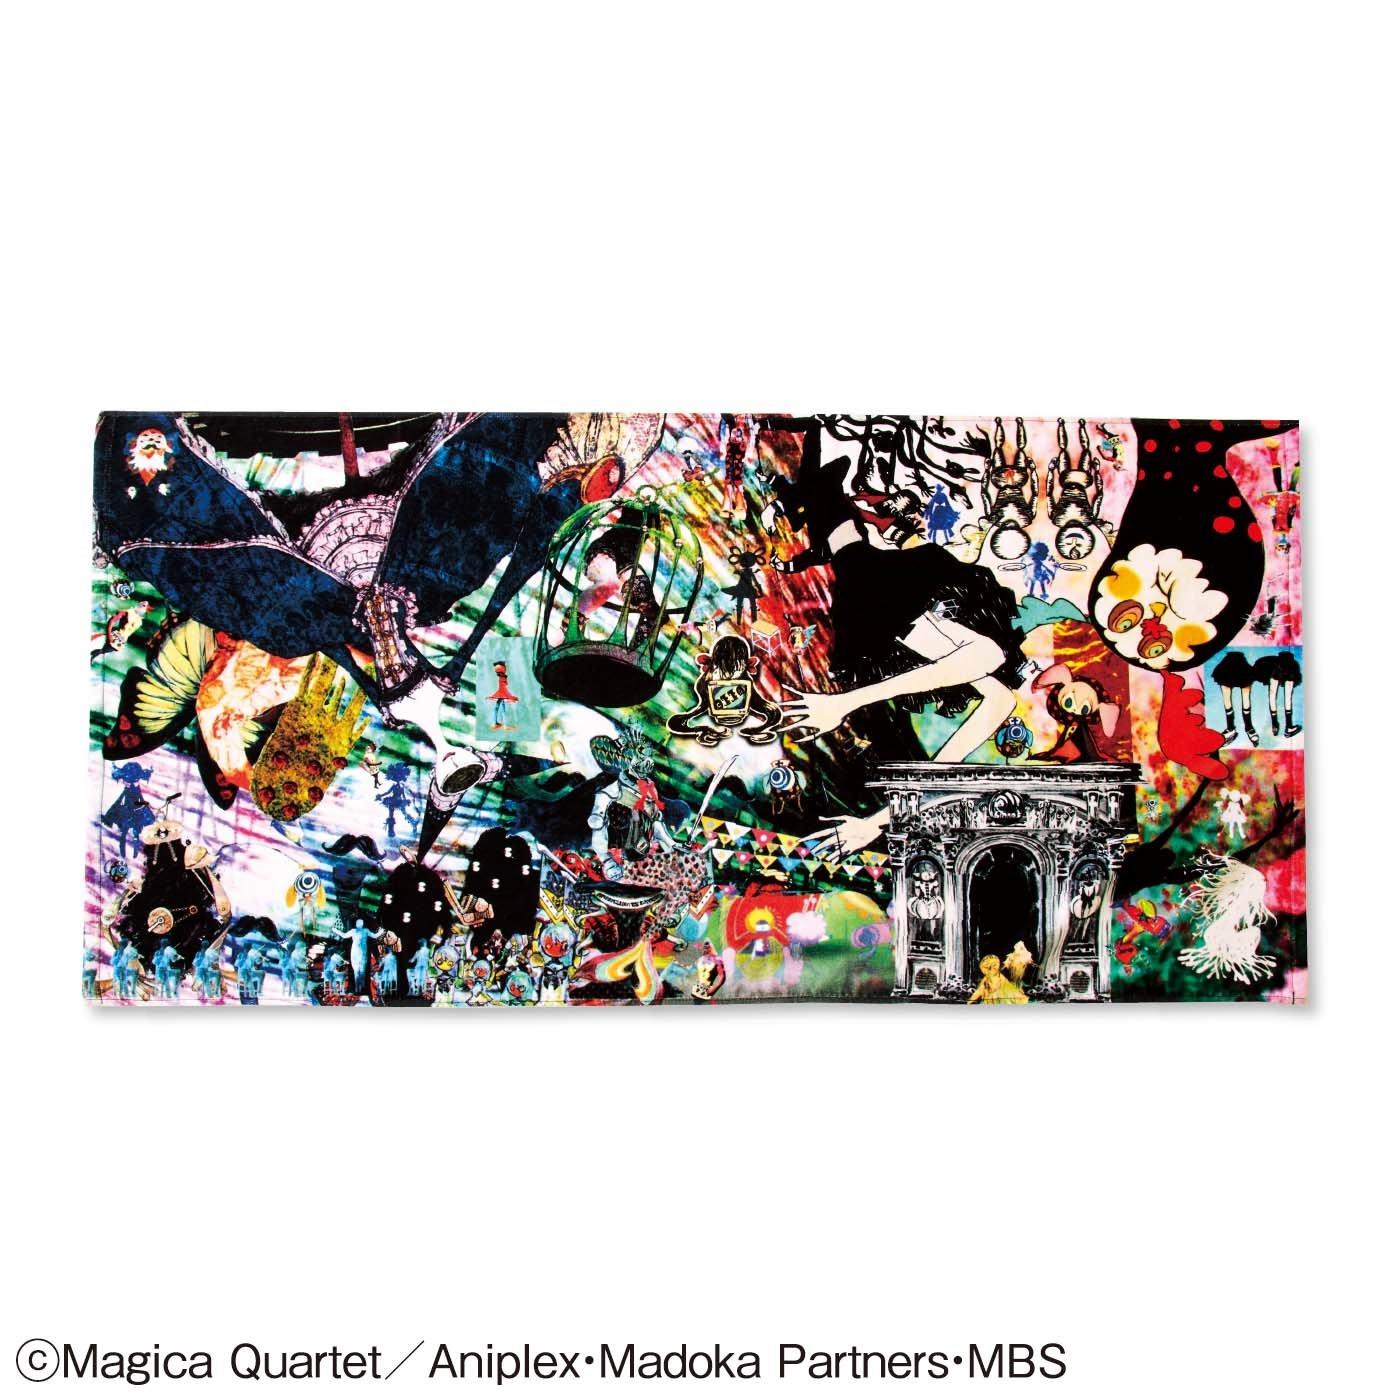 魔法少女まどか☆マギカ 魔女と手下のポスターバスタオル